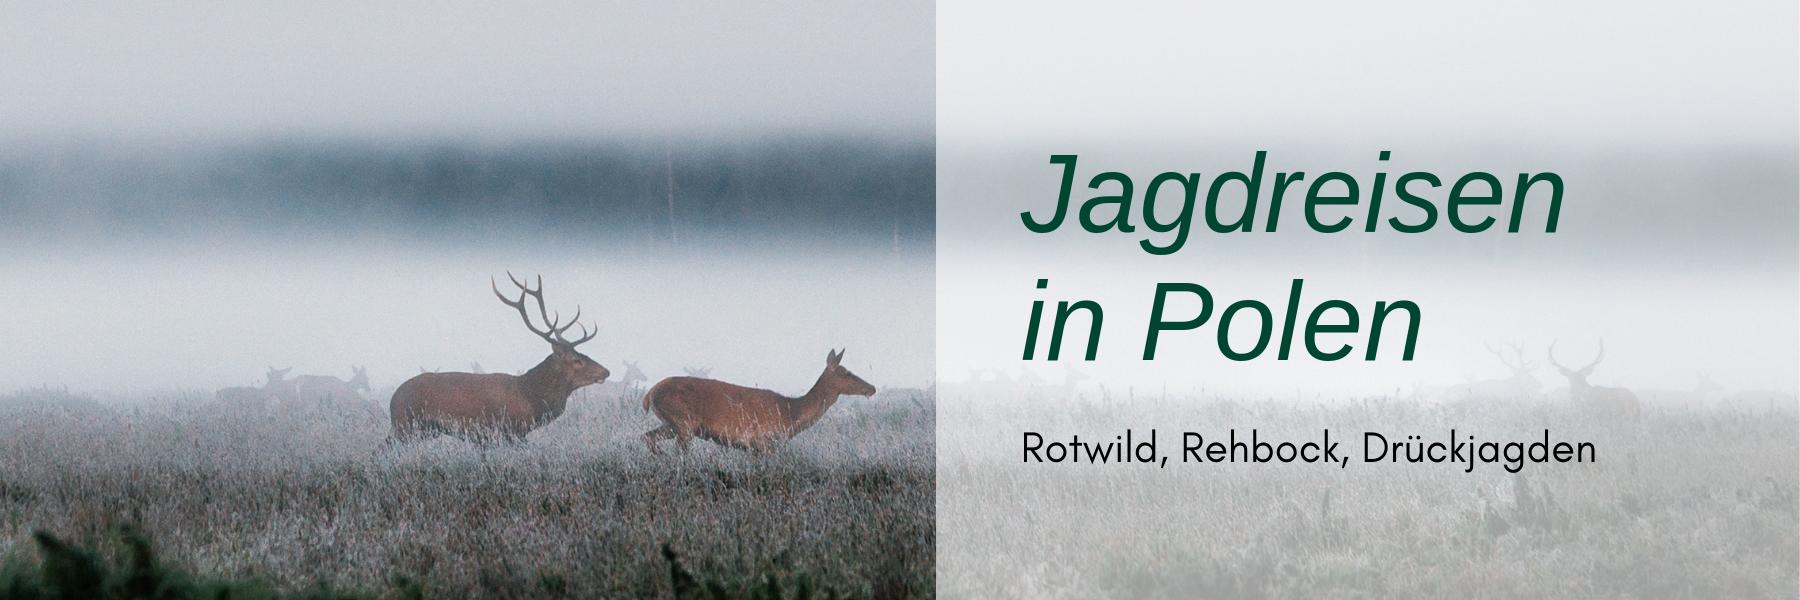 Jagdreisen Polen: Eine spannende Alternative zu deutschen Wäldern